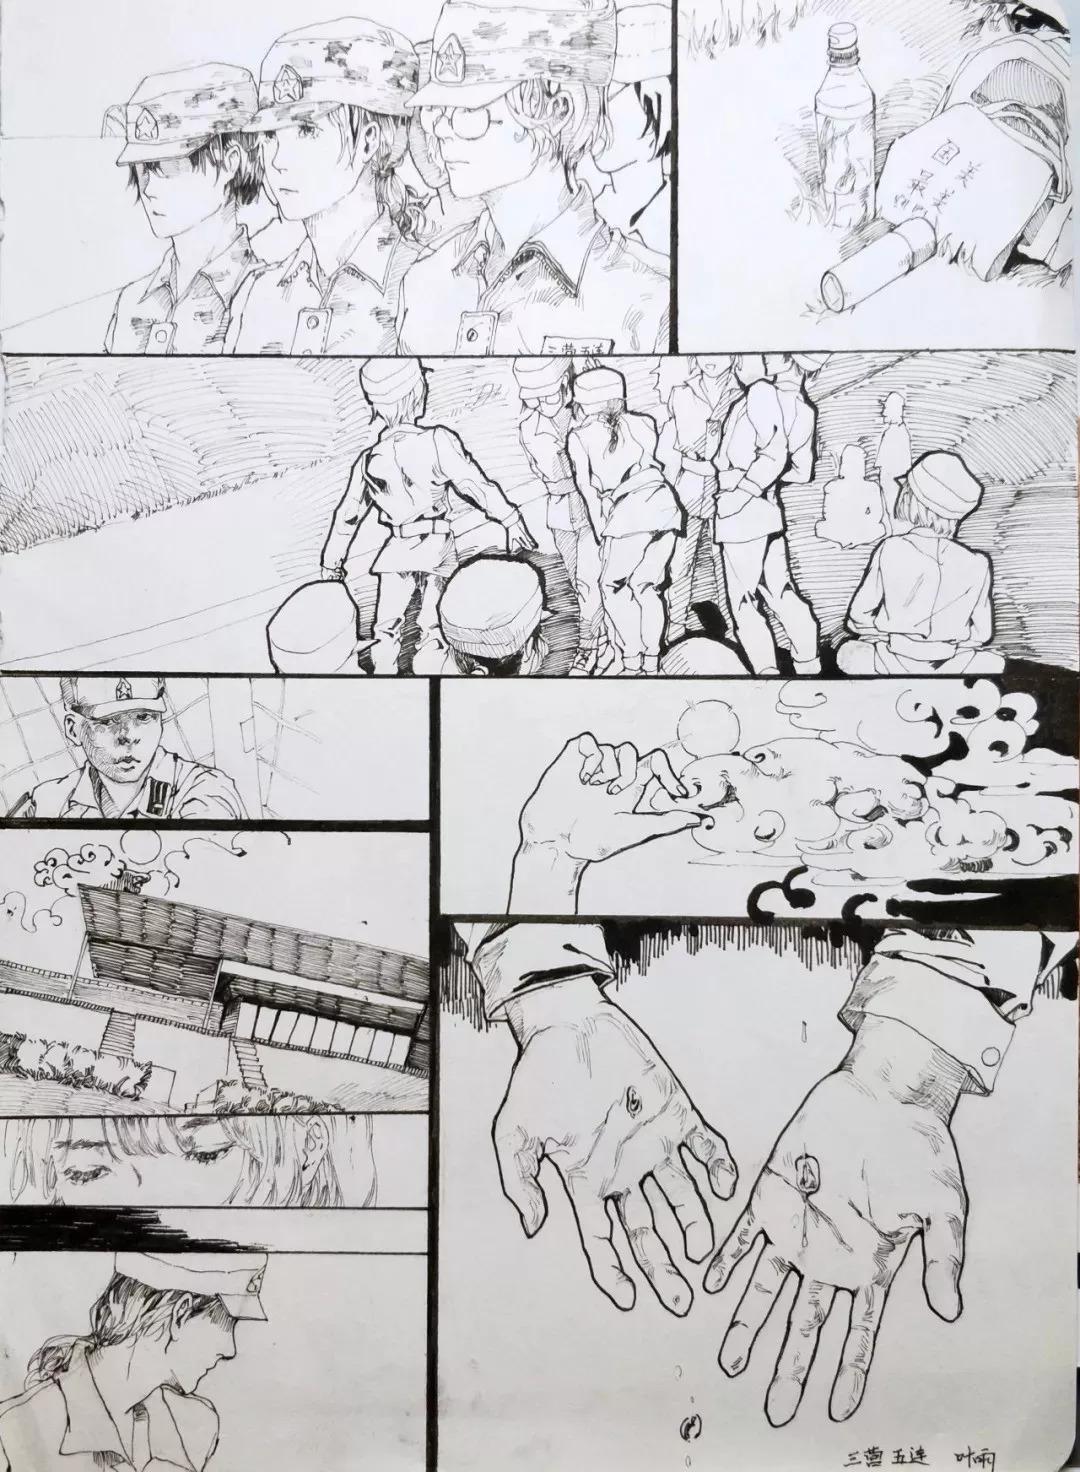 画说军训 | 中国美术美院手绘军训日记来啦!